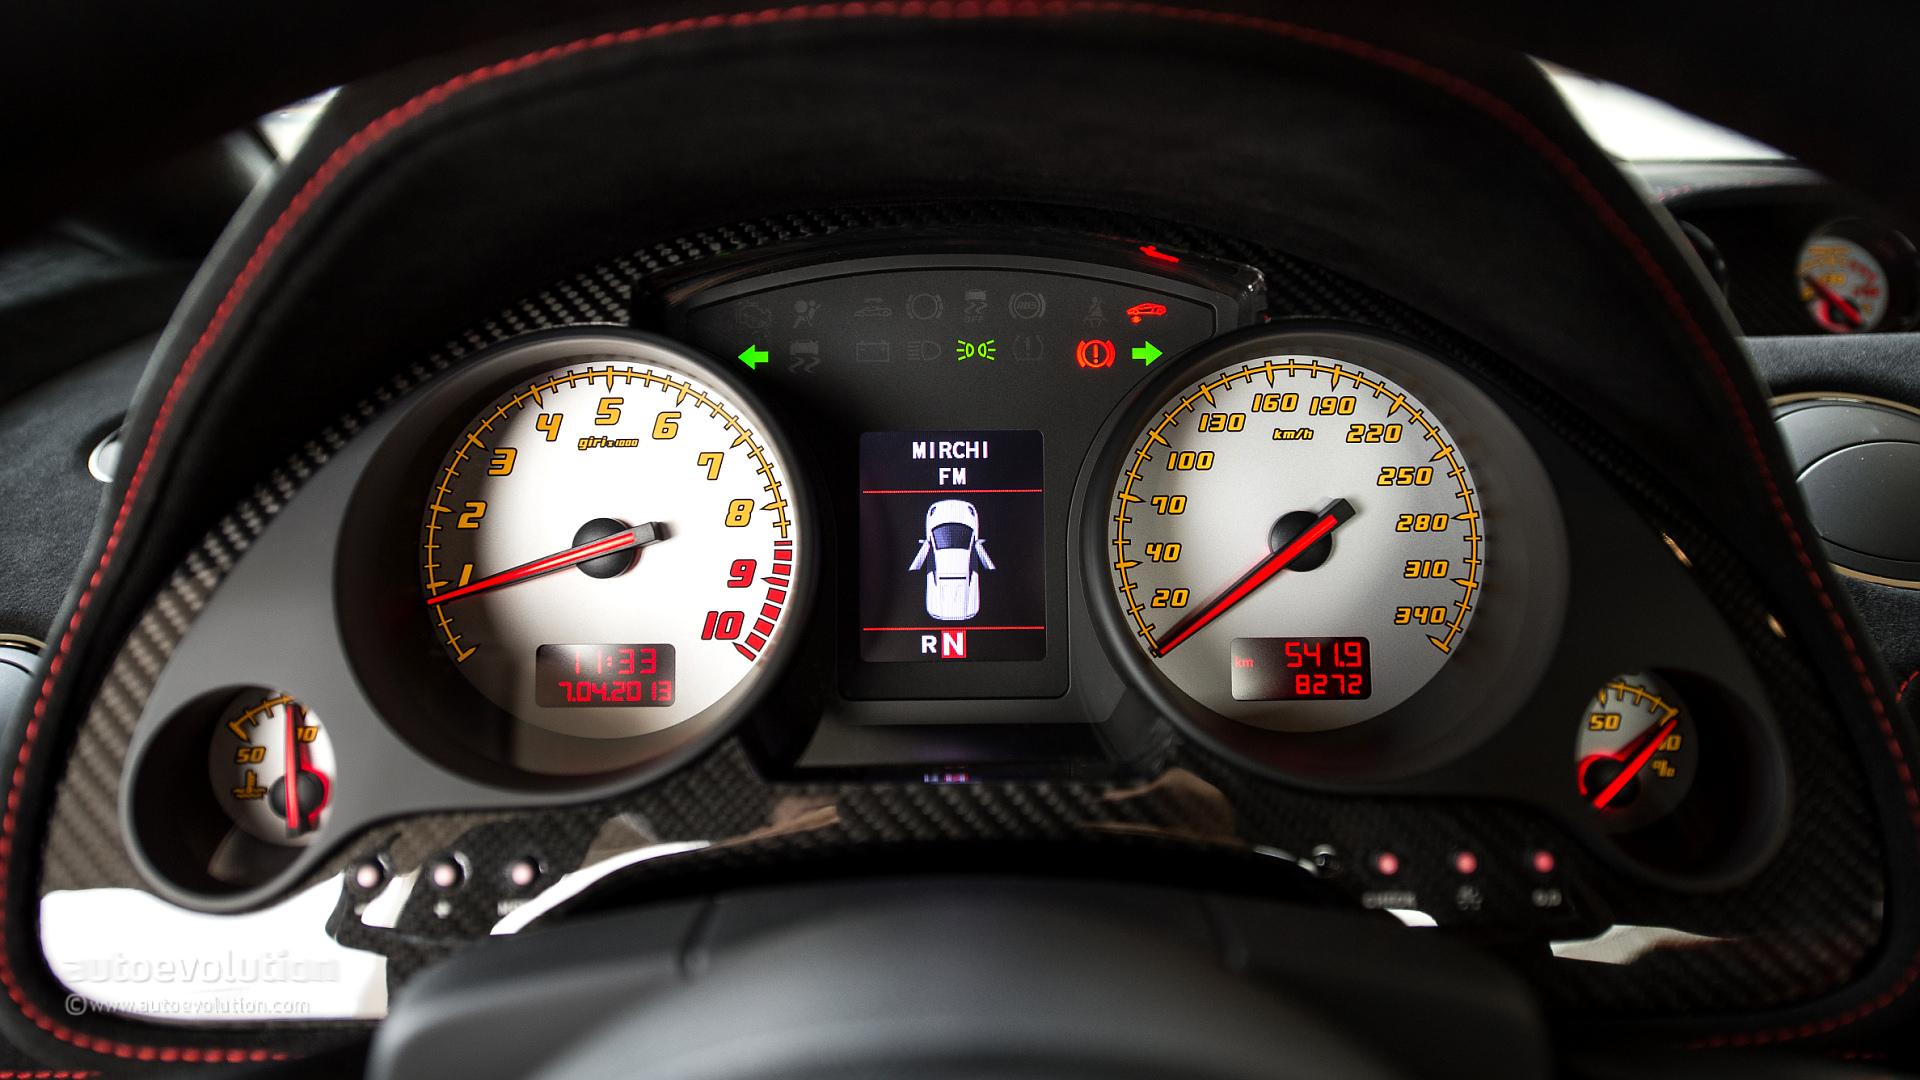 Lamborghini Gallardo Super Trofeo Stradale Review Page 4 Autoevolution